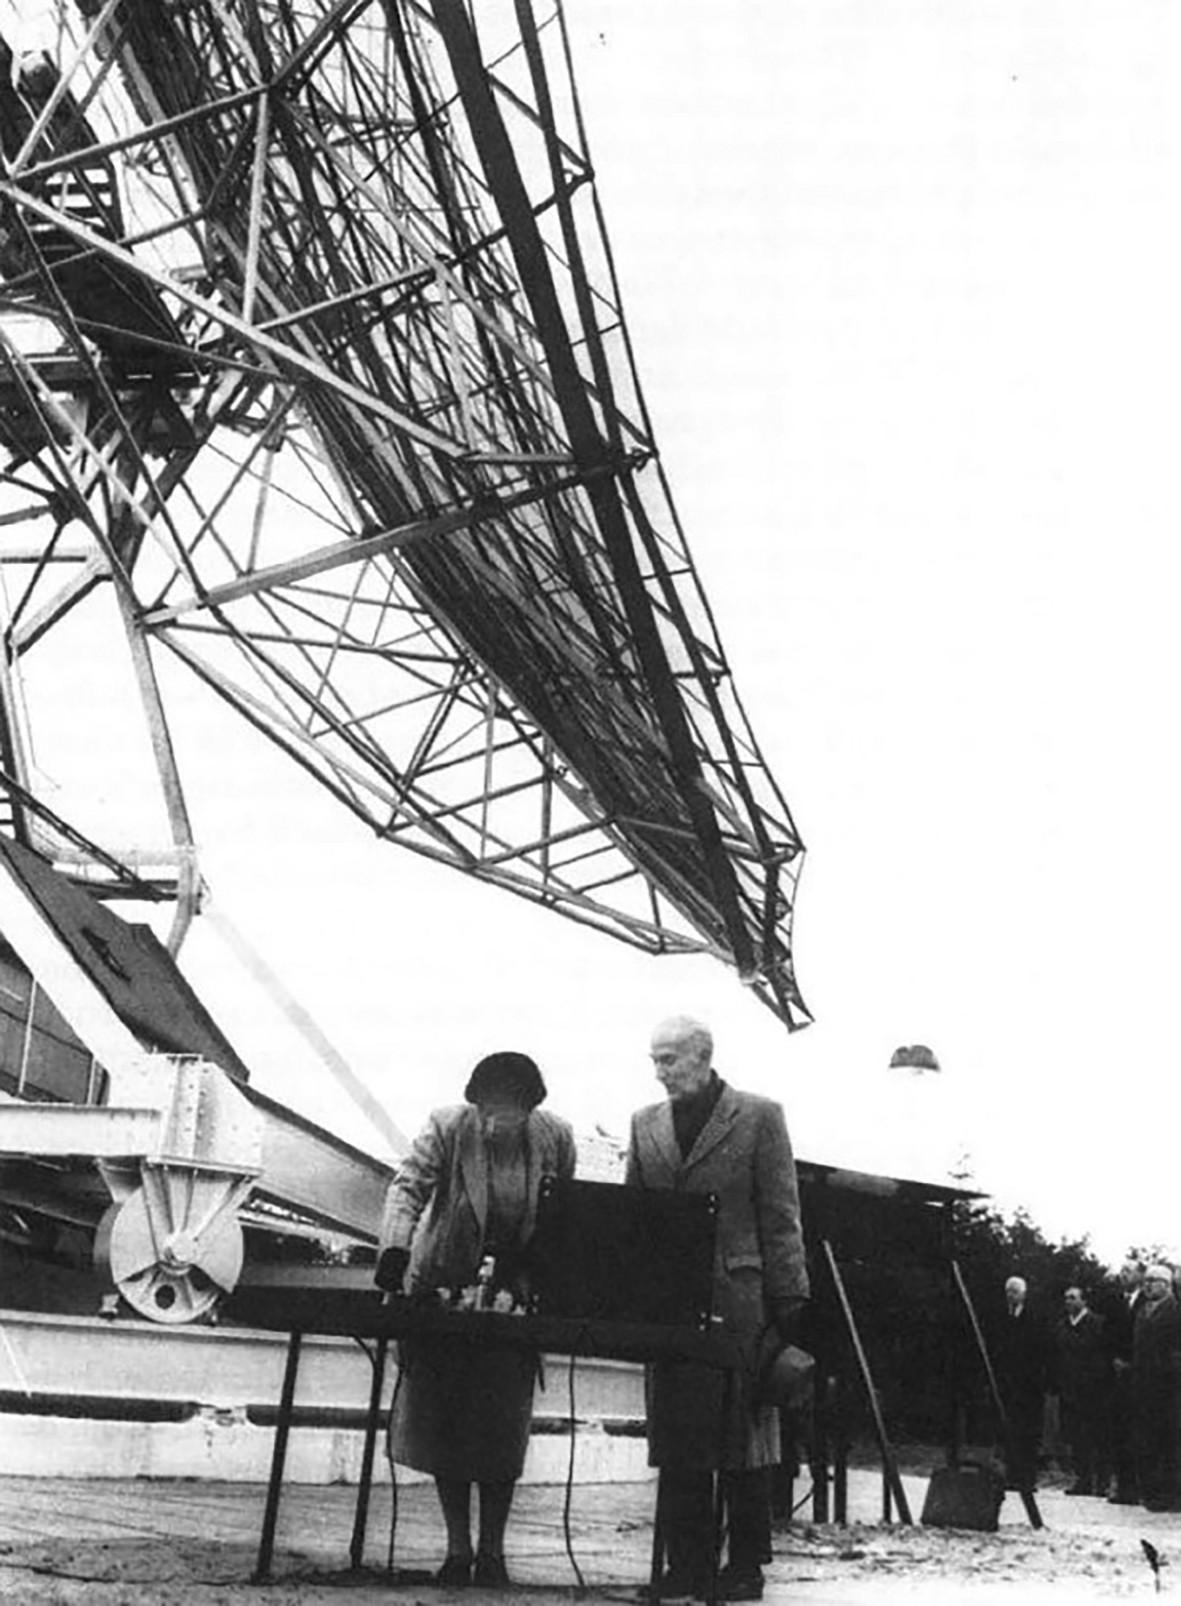 Официальное открытие в 1956 году 25-метрового телескопа Двингело королевой Юлианой и Я. Х. Оортом